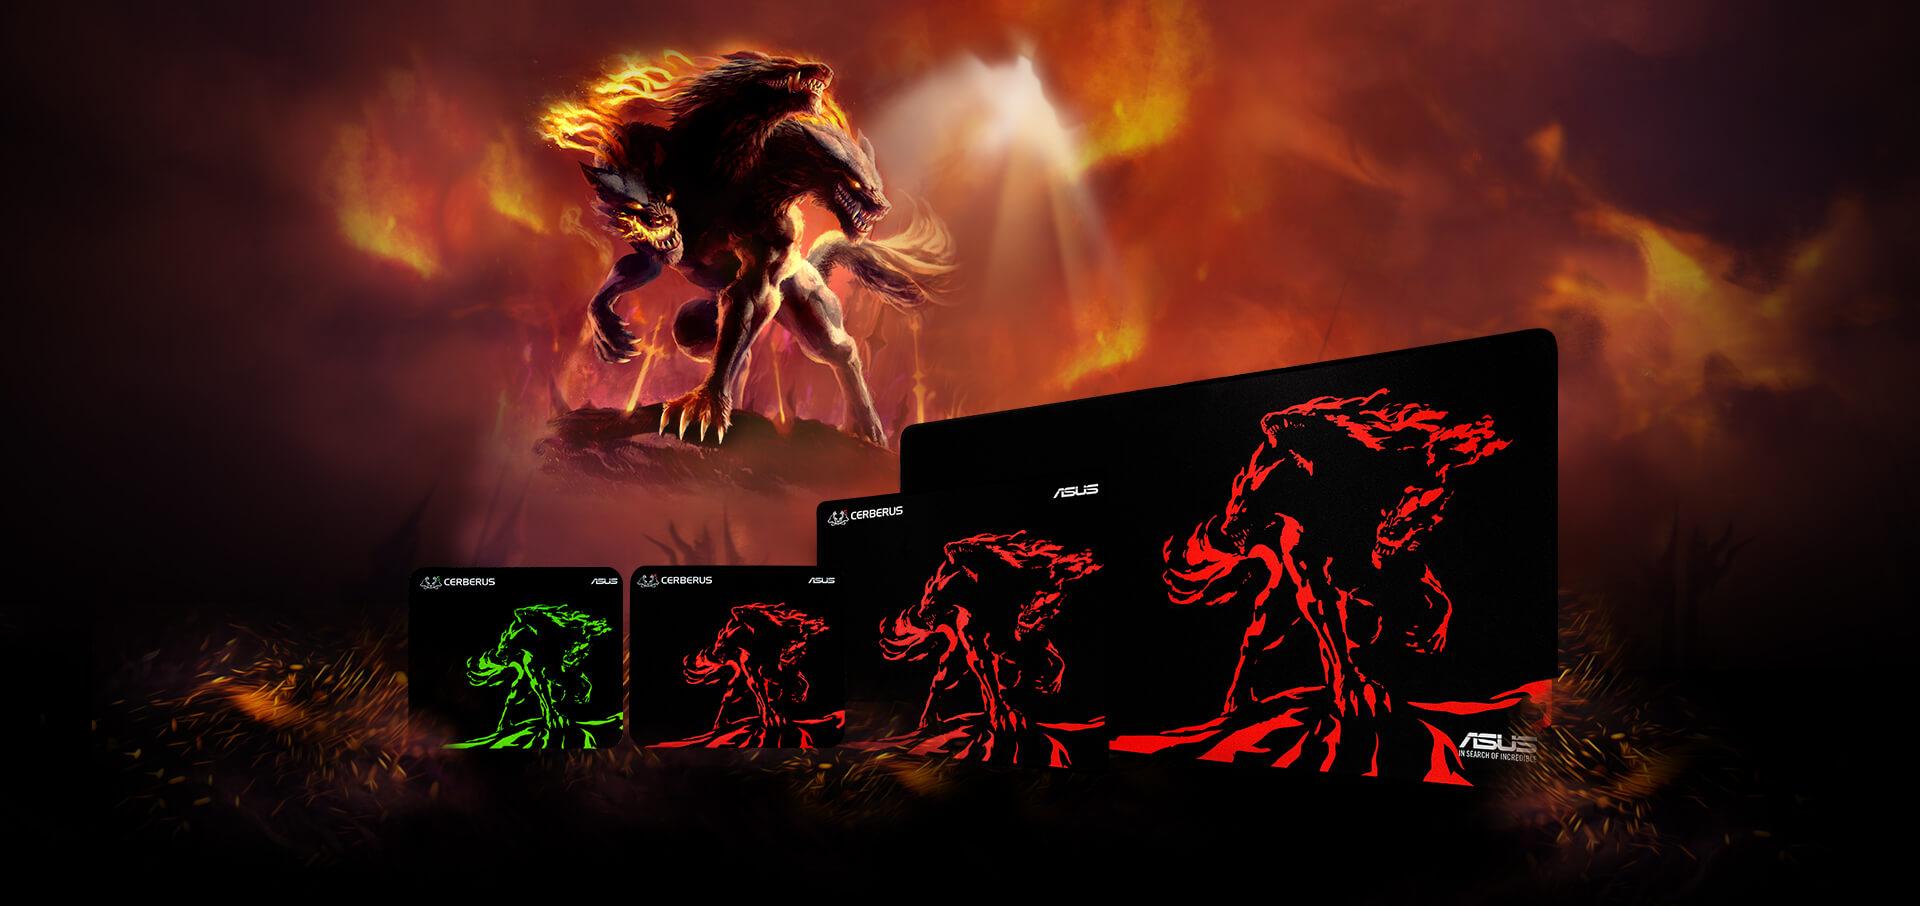 Resultado de imagen para ASUS Cerberus Mat gaming